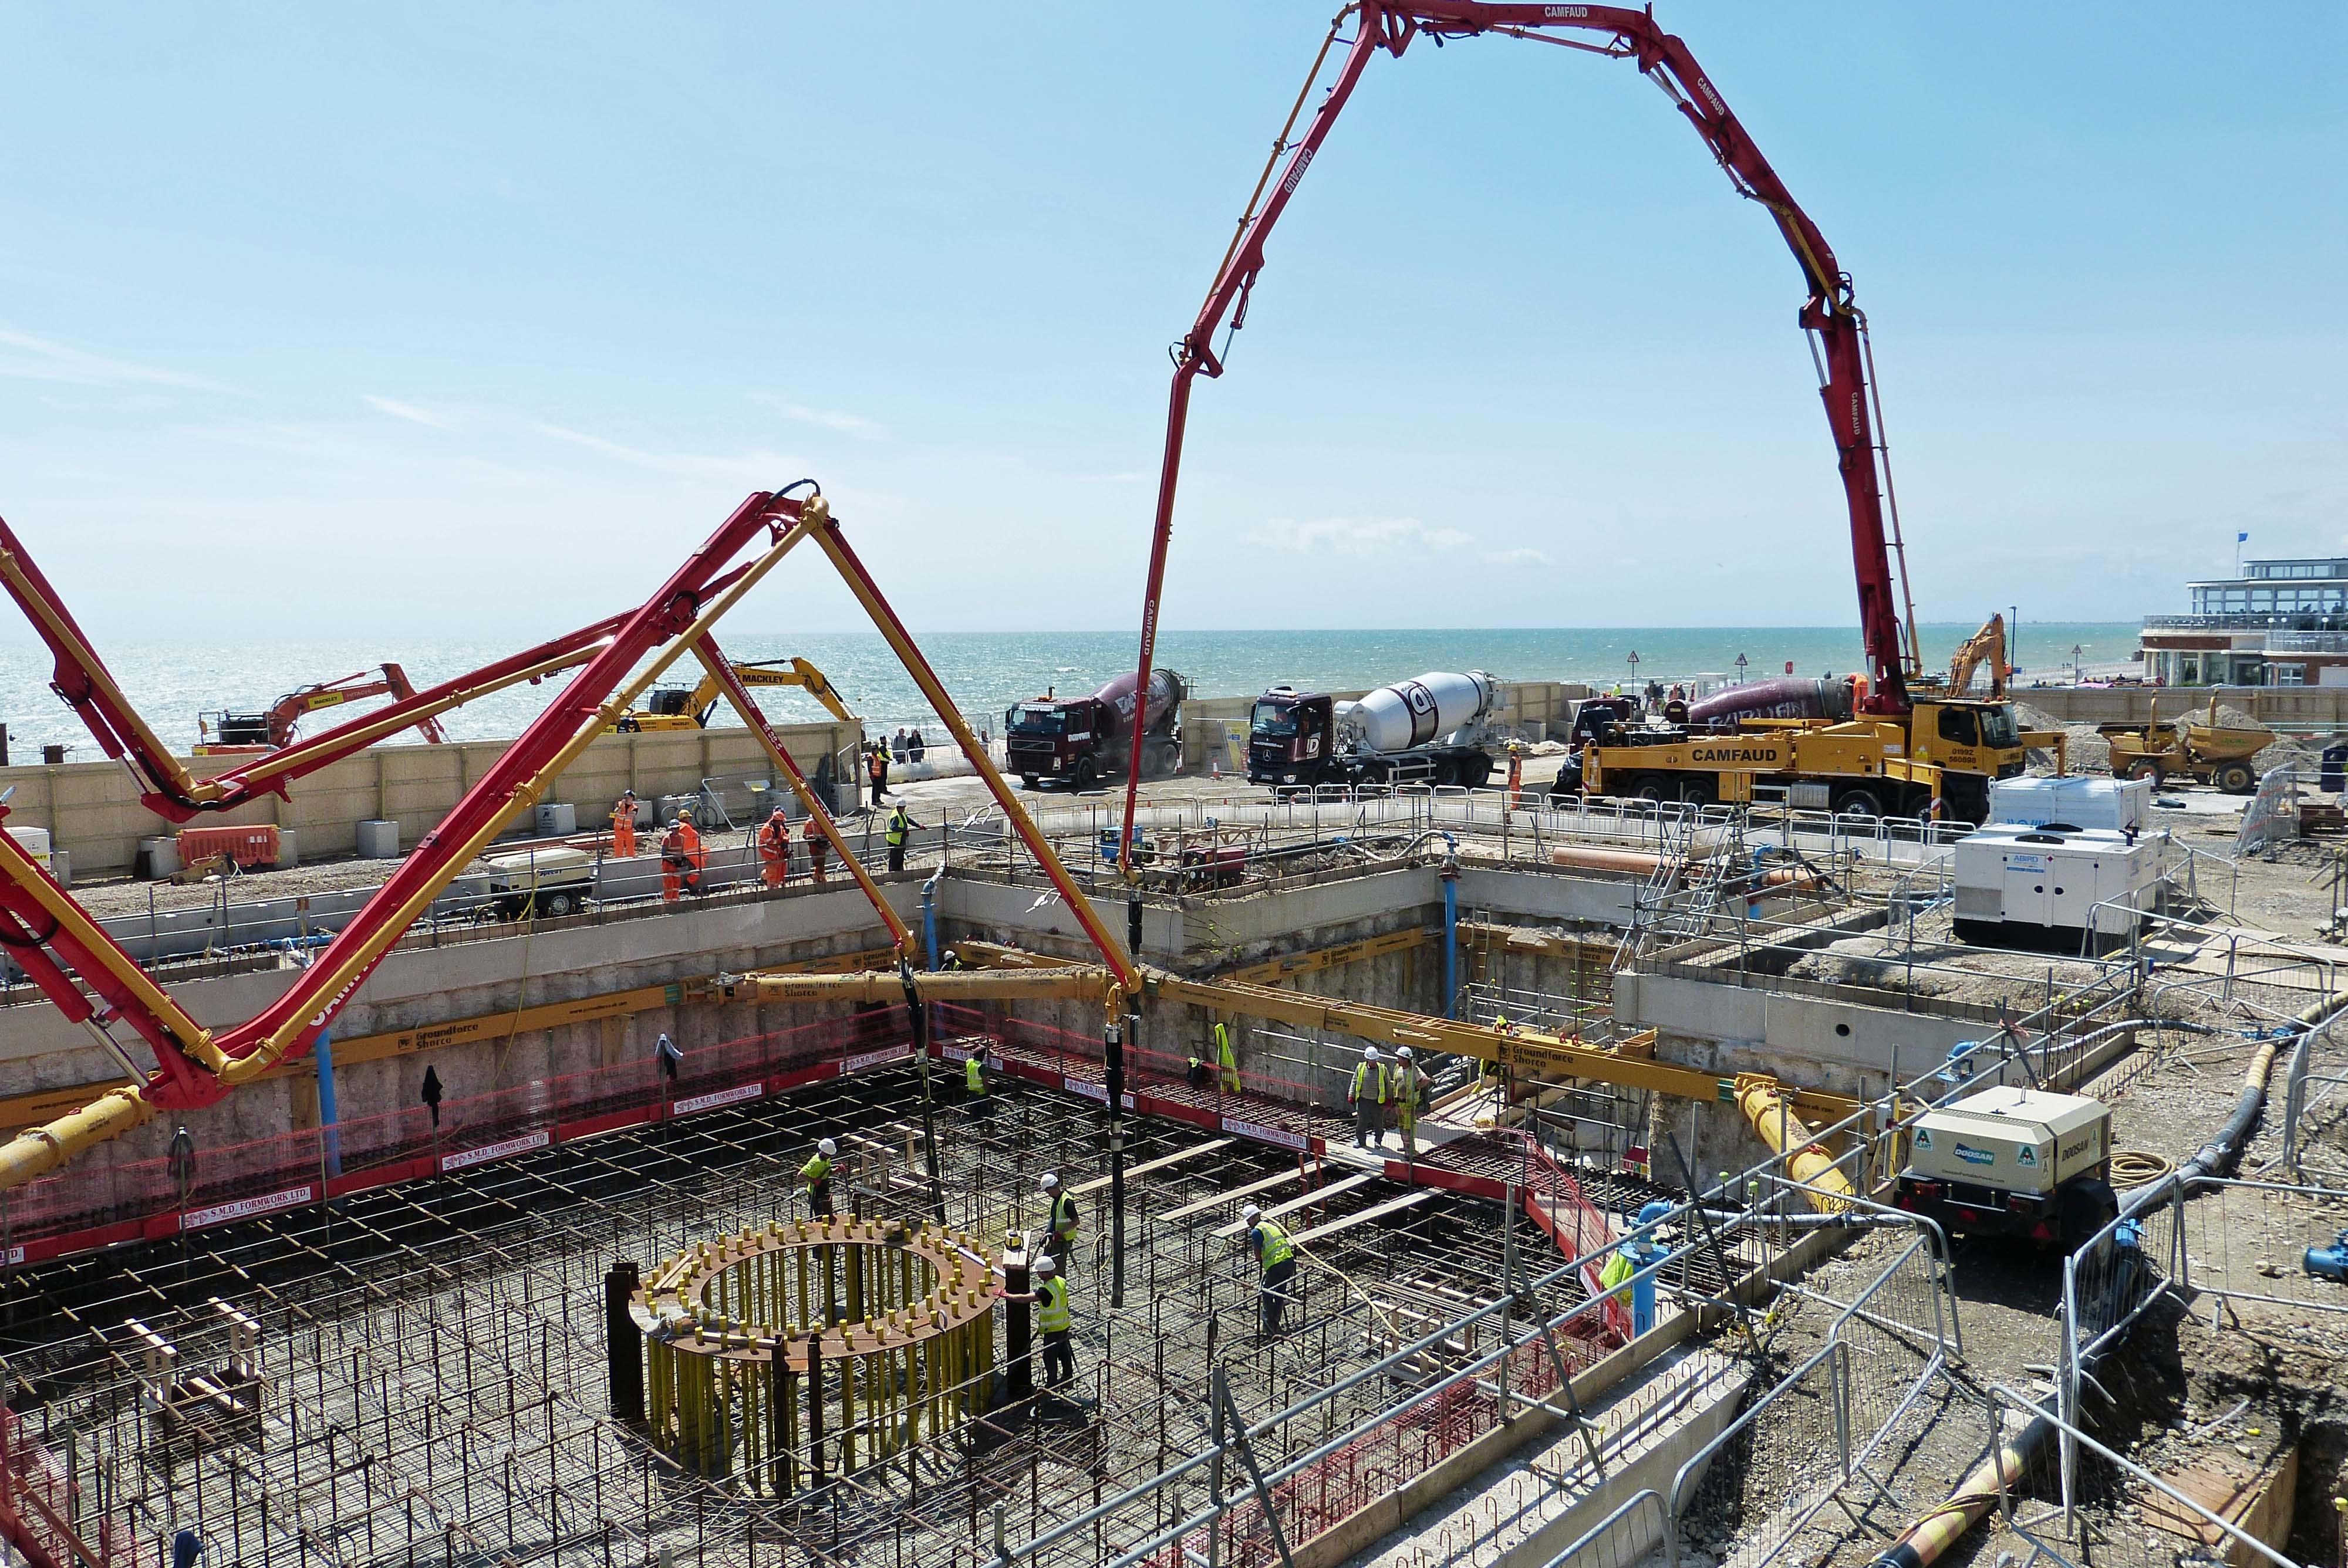 Concrete mixers on Brighton seafront